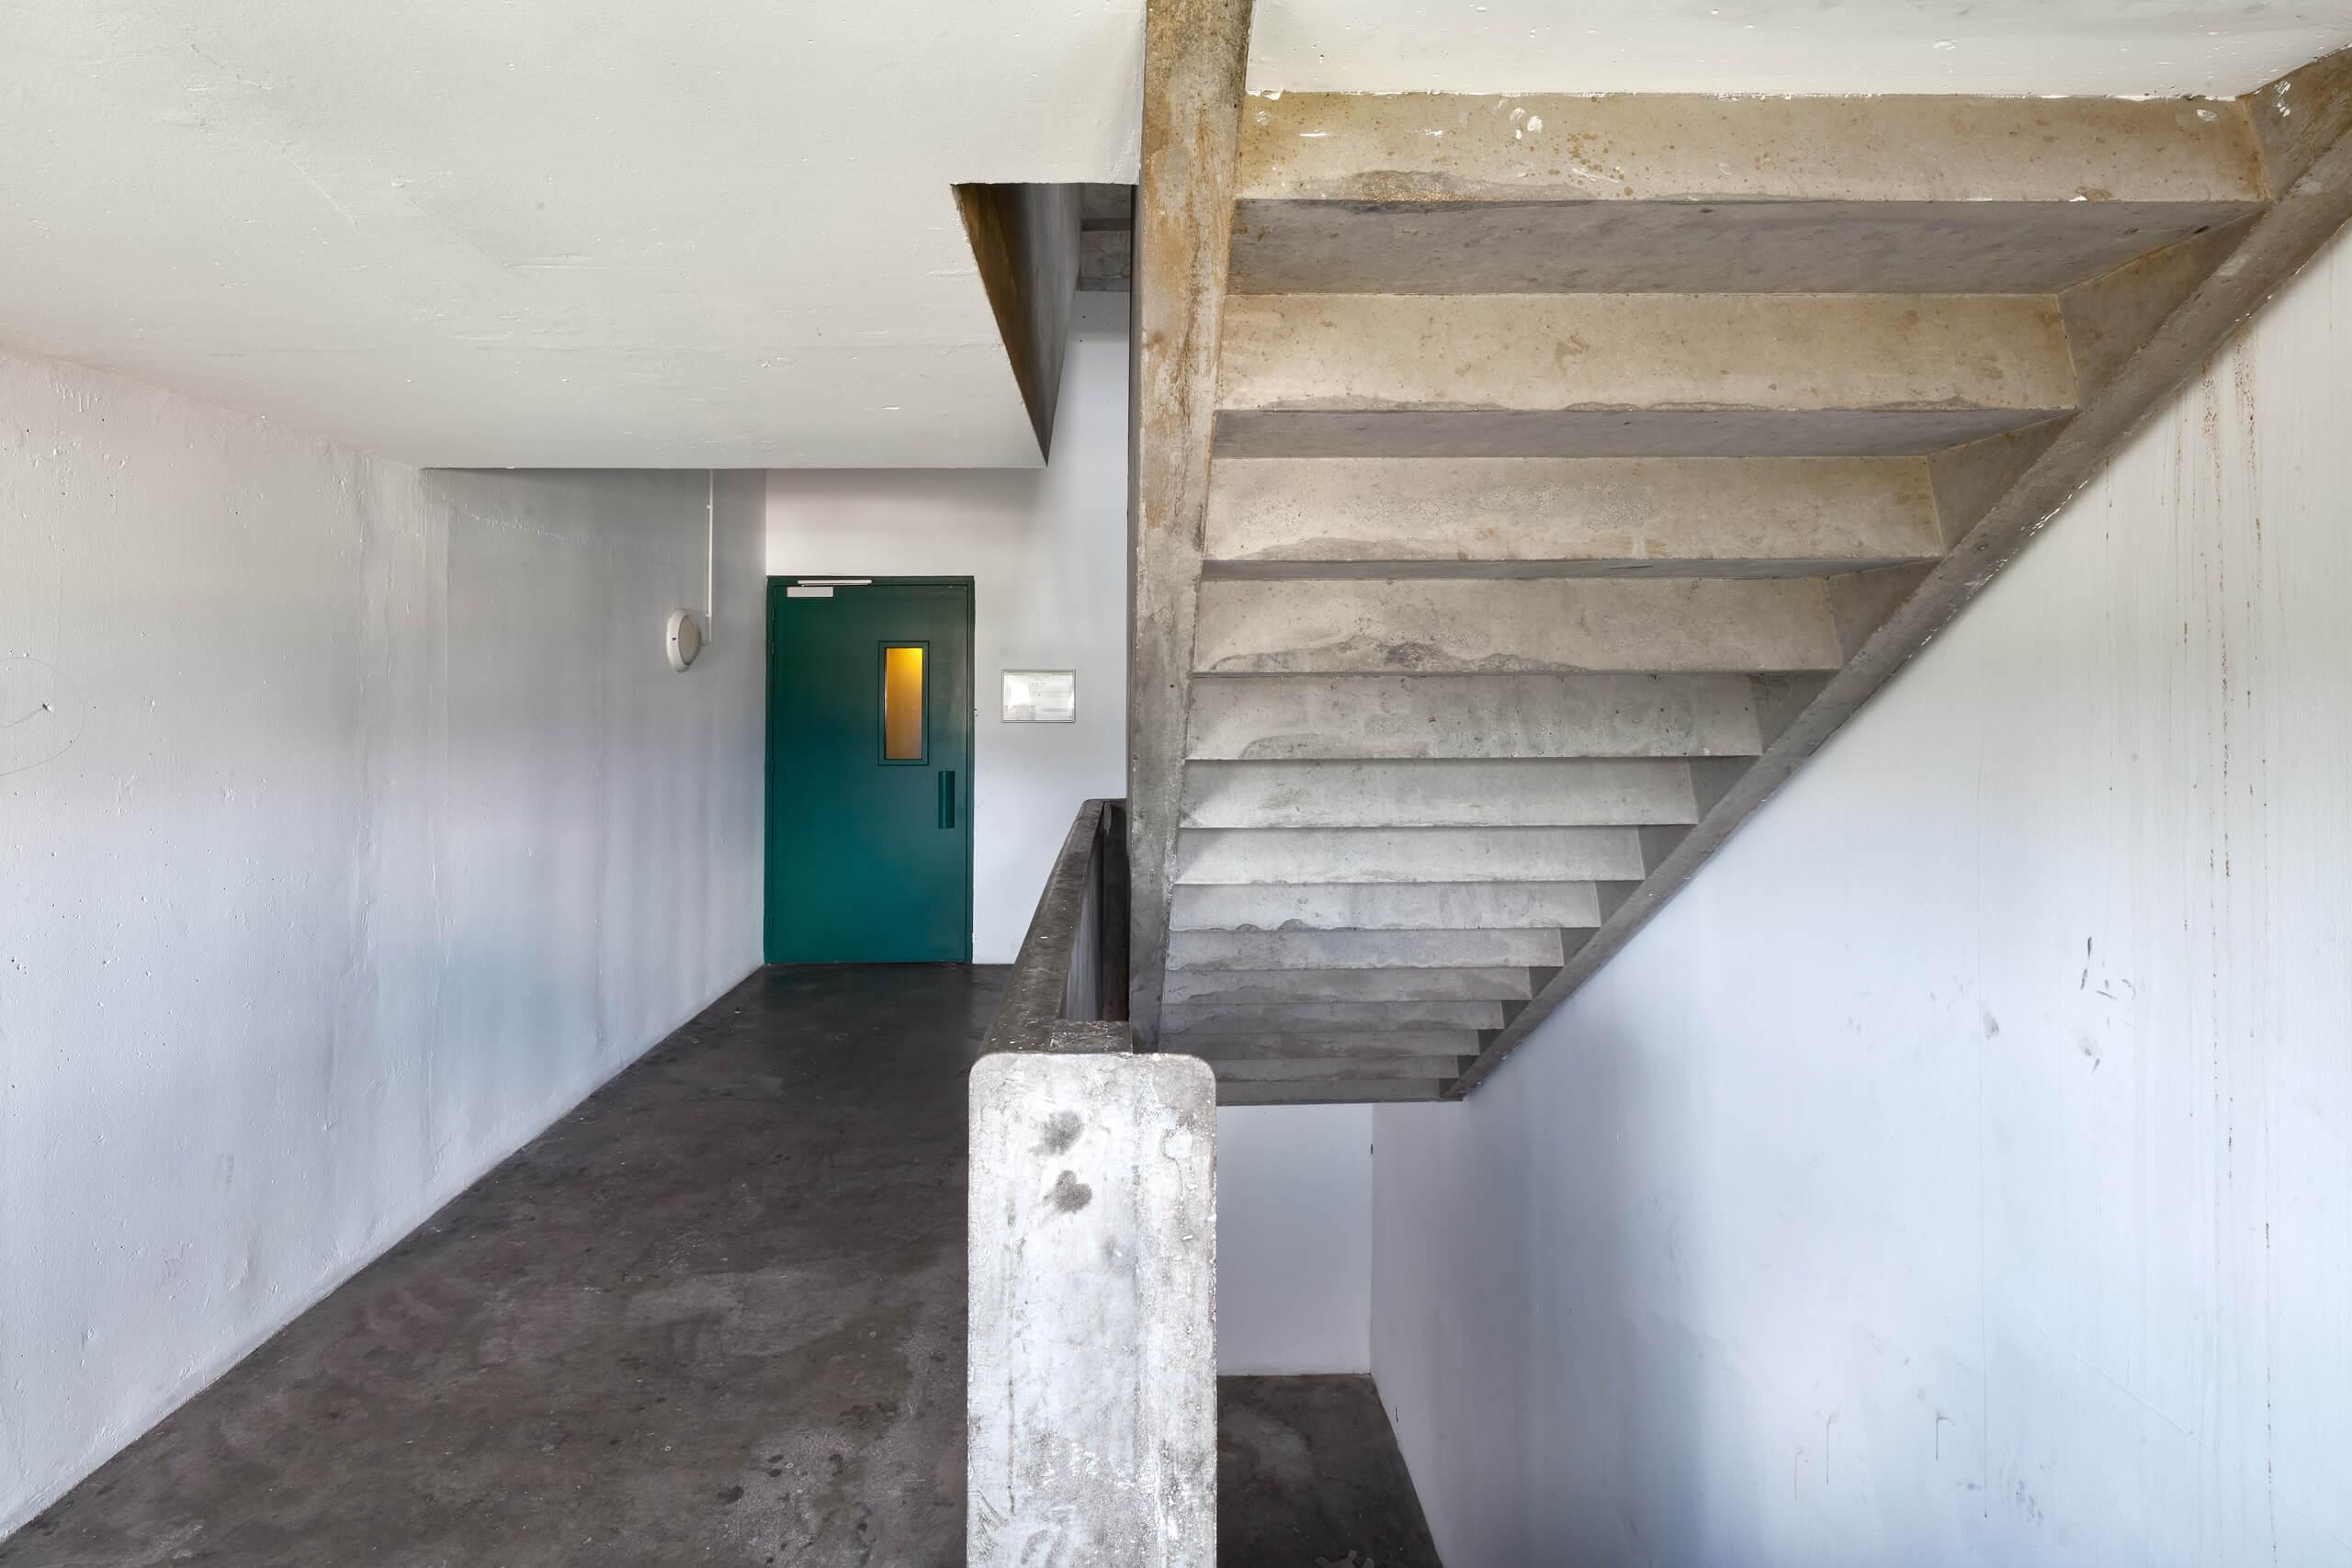 Federico_Covre_Unité_Firminy_Le_Corbusier_2018_46